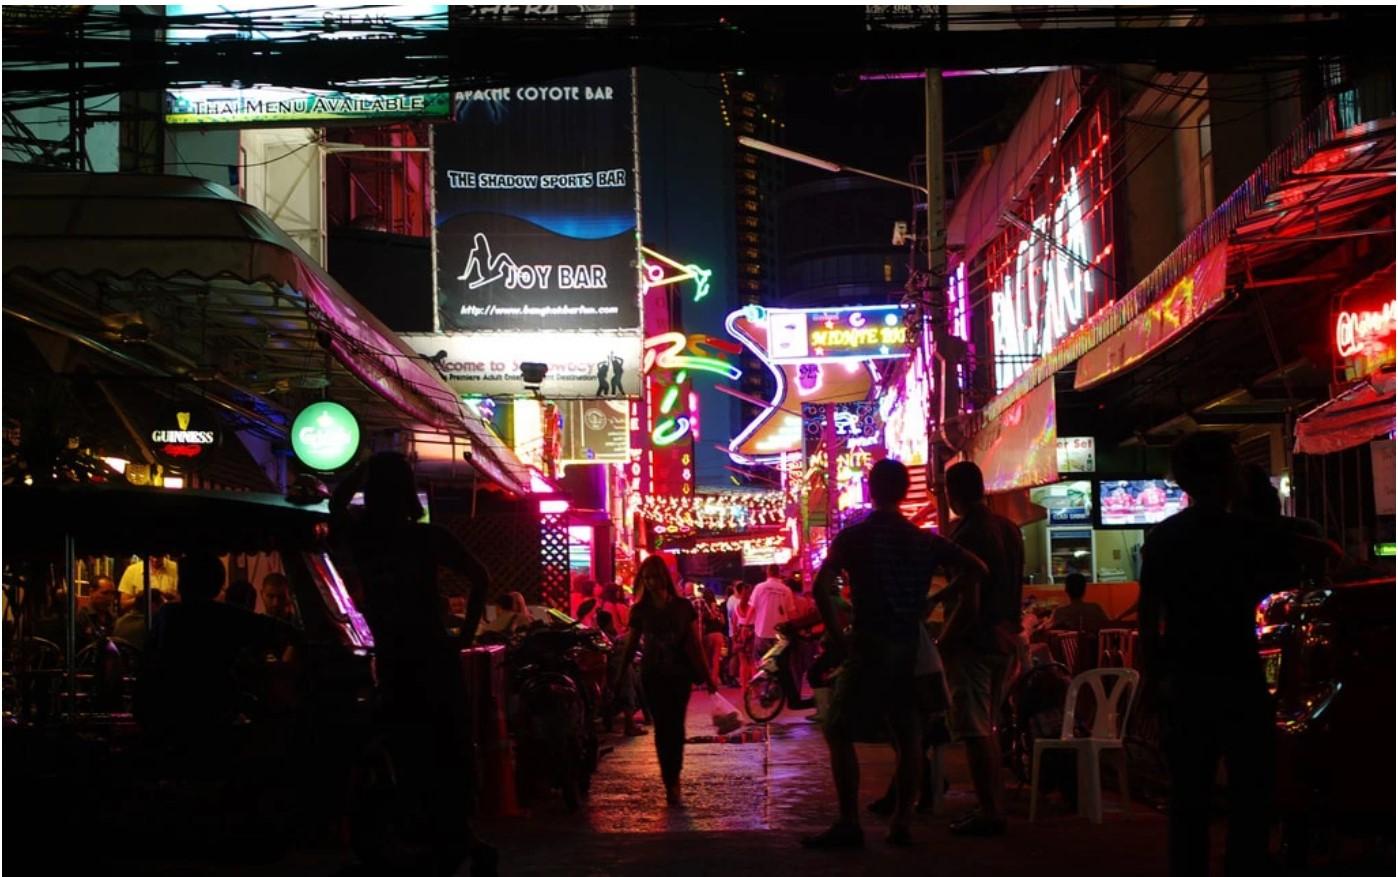 סוי קאובוי, בנגקוק, תאילנד הרחובות האדומים